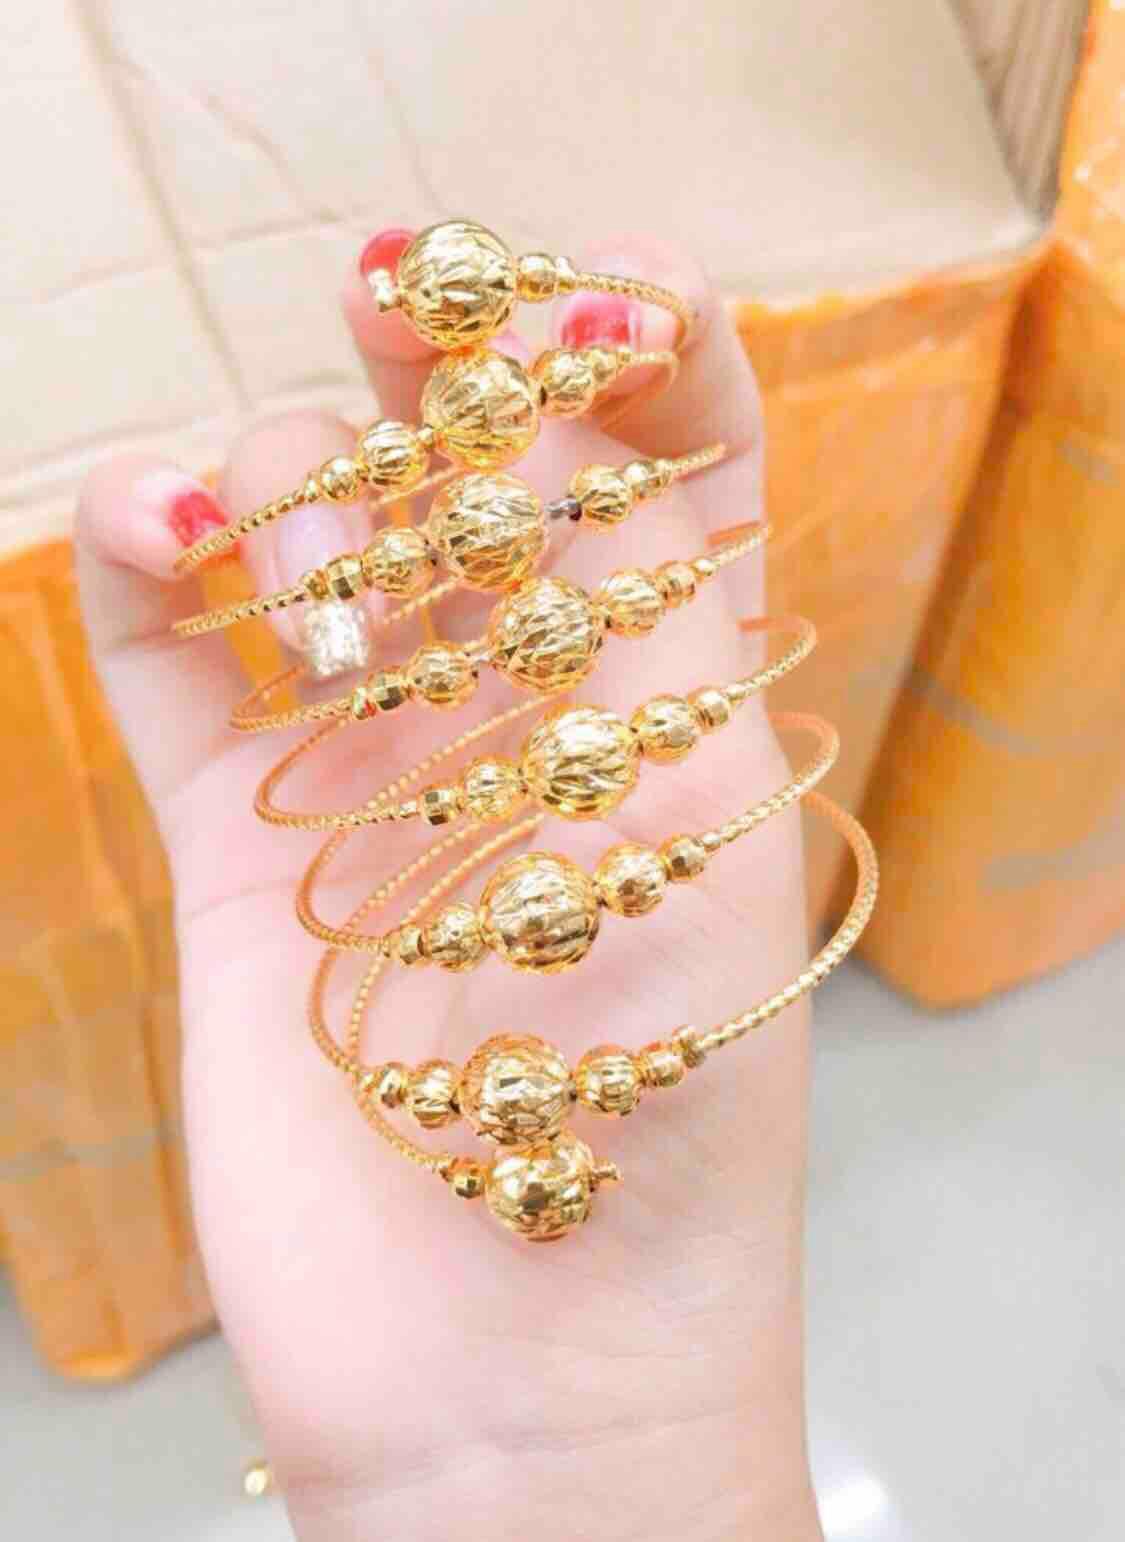 Vòng tay bi kiểu 8 hàng mạ vàng 18k cực xinh